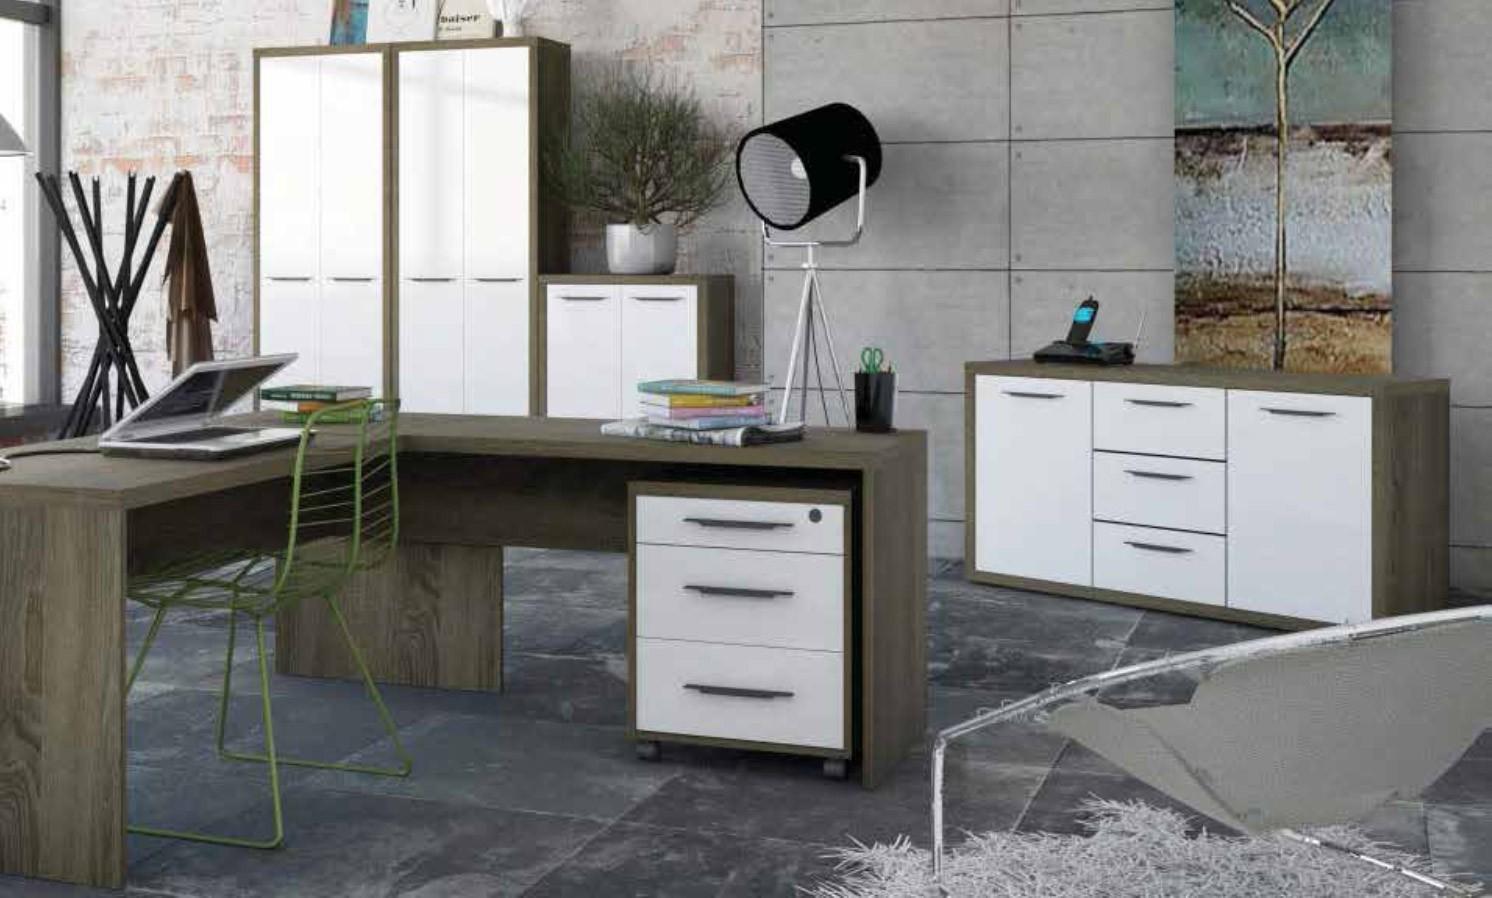 Ufficio Per Scrivania : Allungo per scrivania composad rovere tartufo cm h